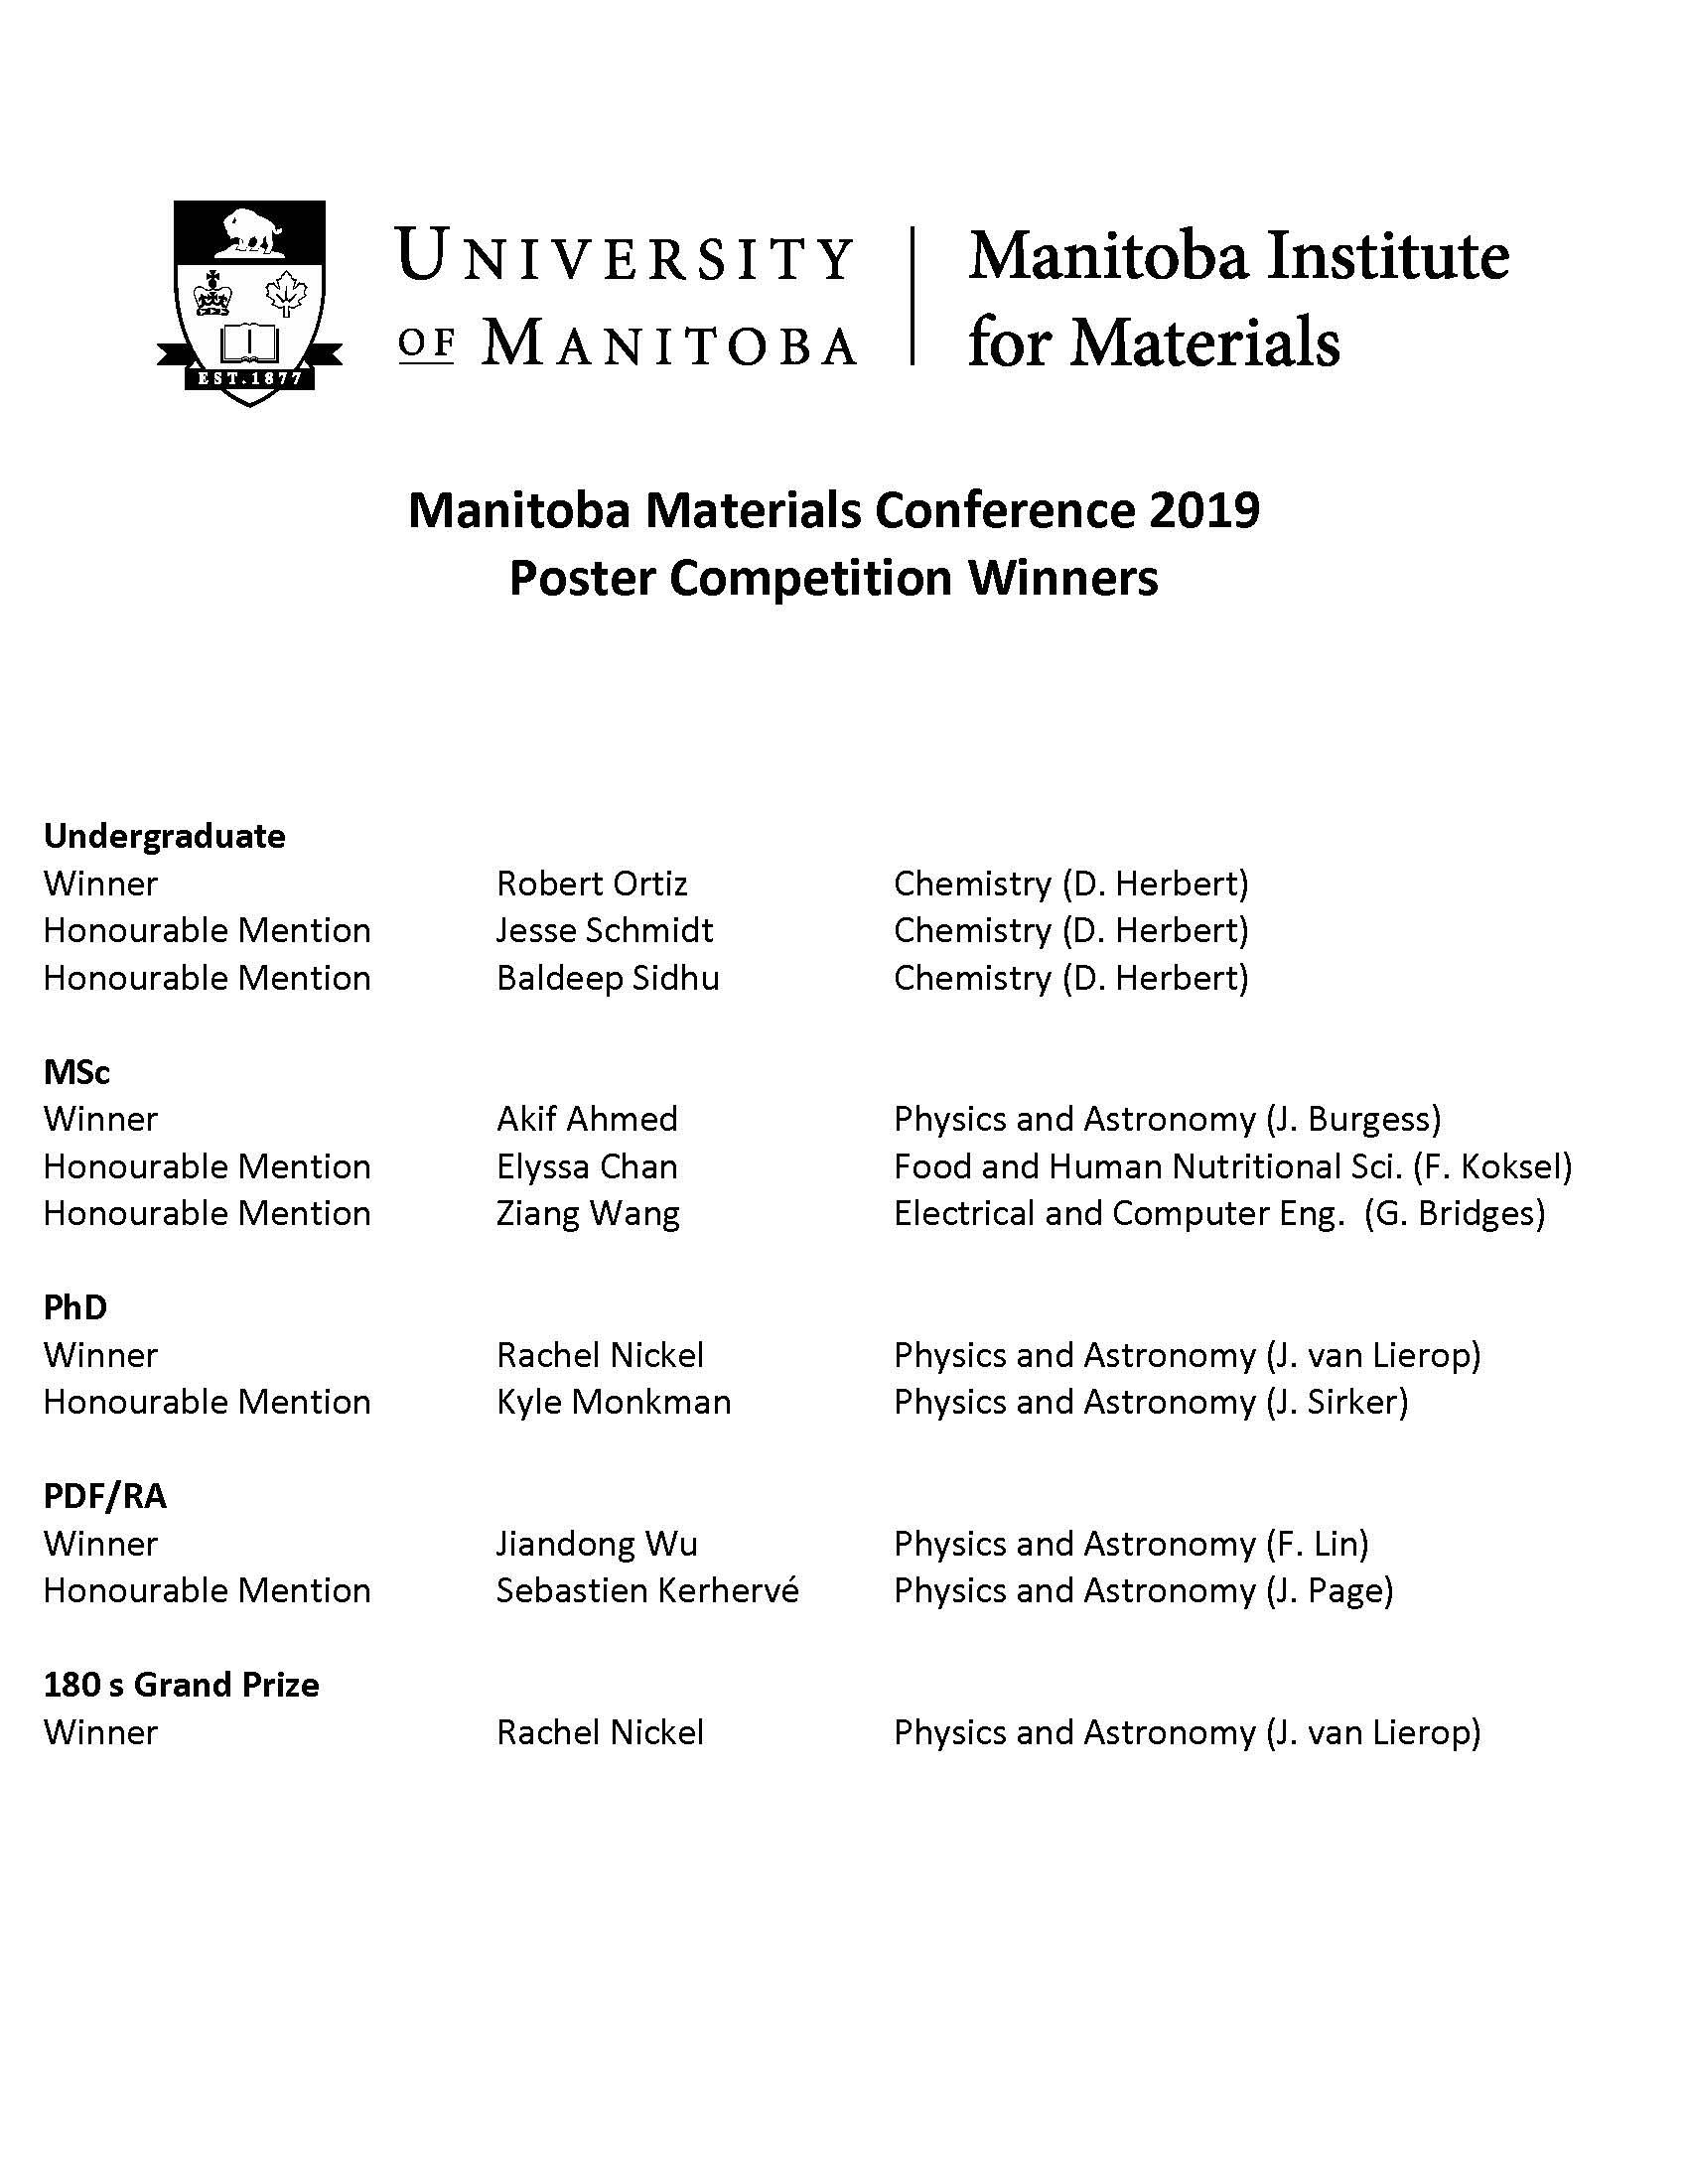 University of Manitoba - Manitoba Institute for Materials